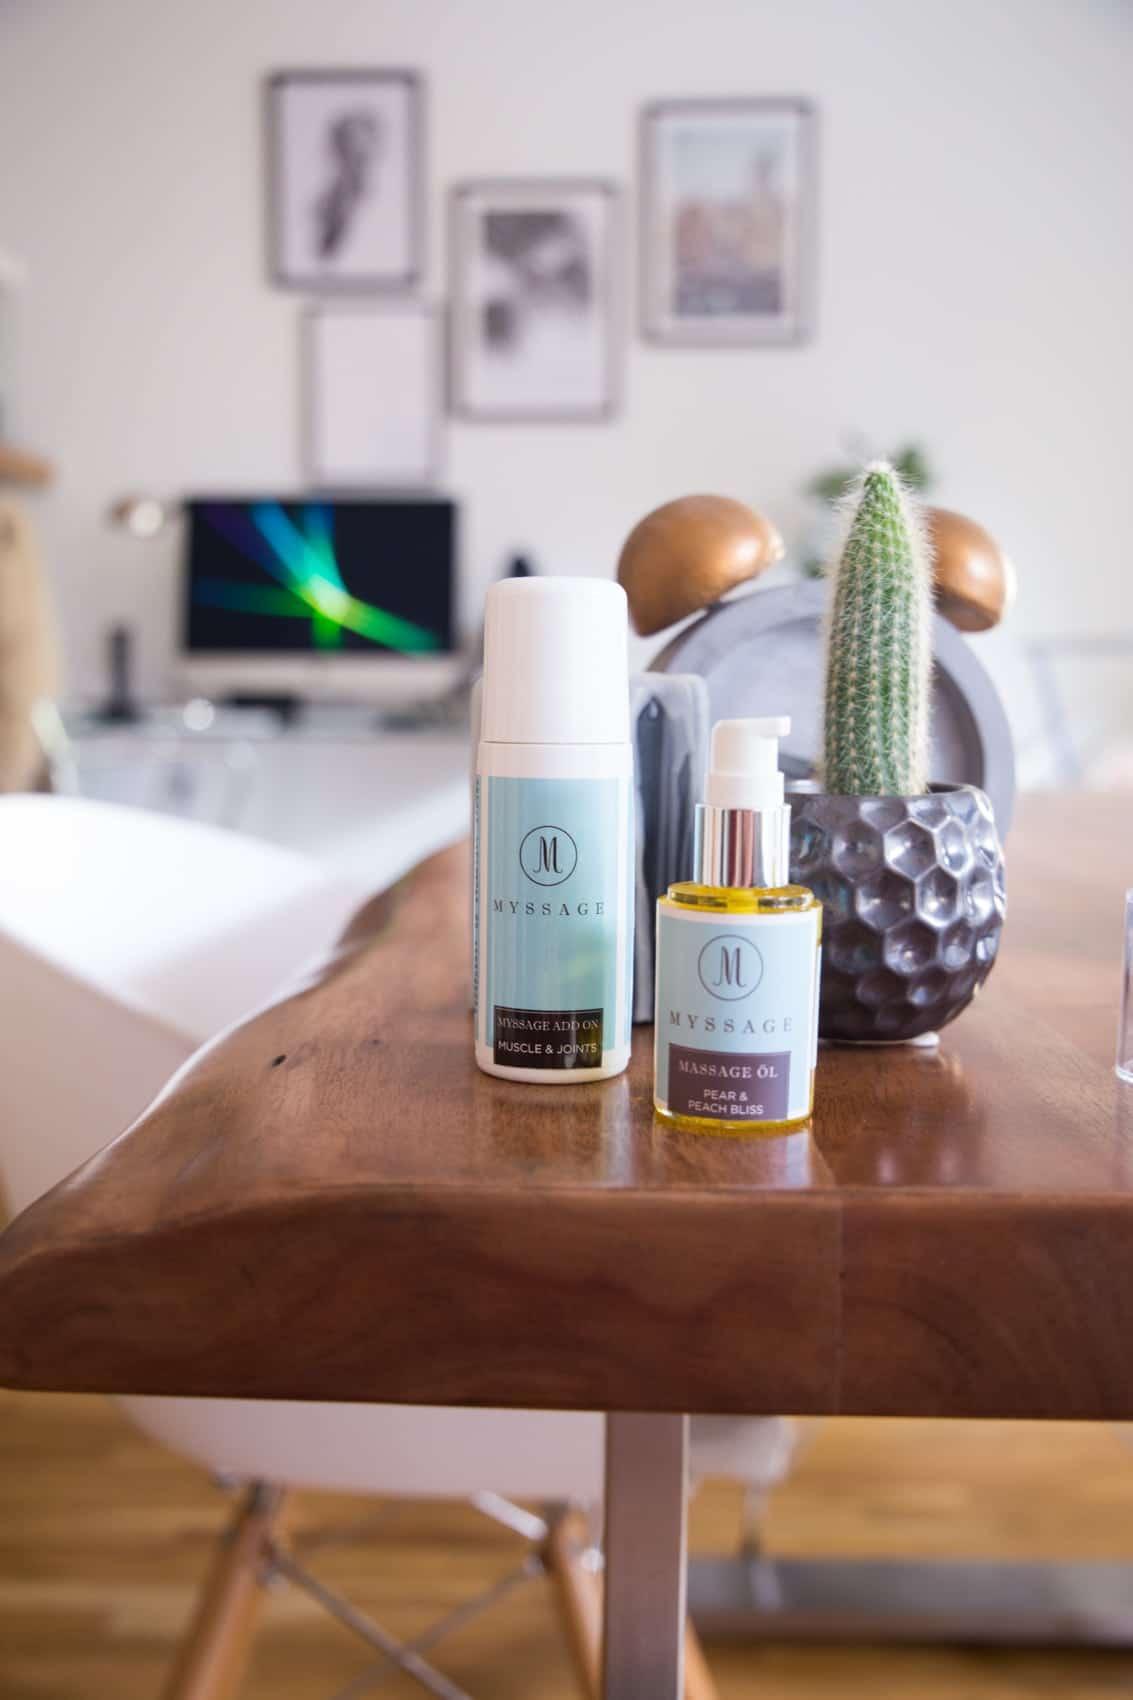 30 Minuten Entspannung im stressigen Alltag dank Massagen